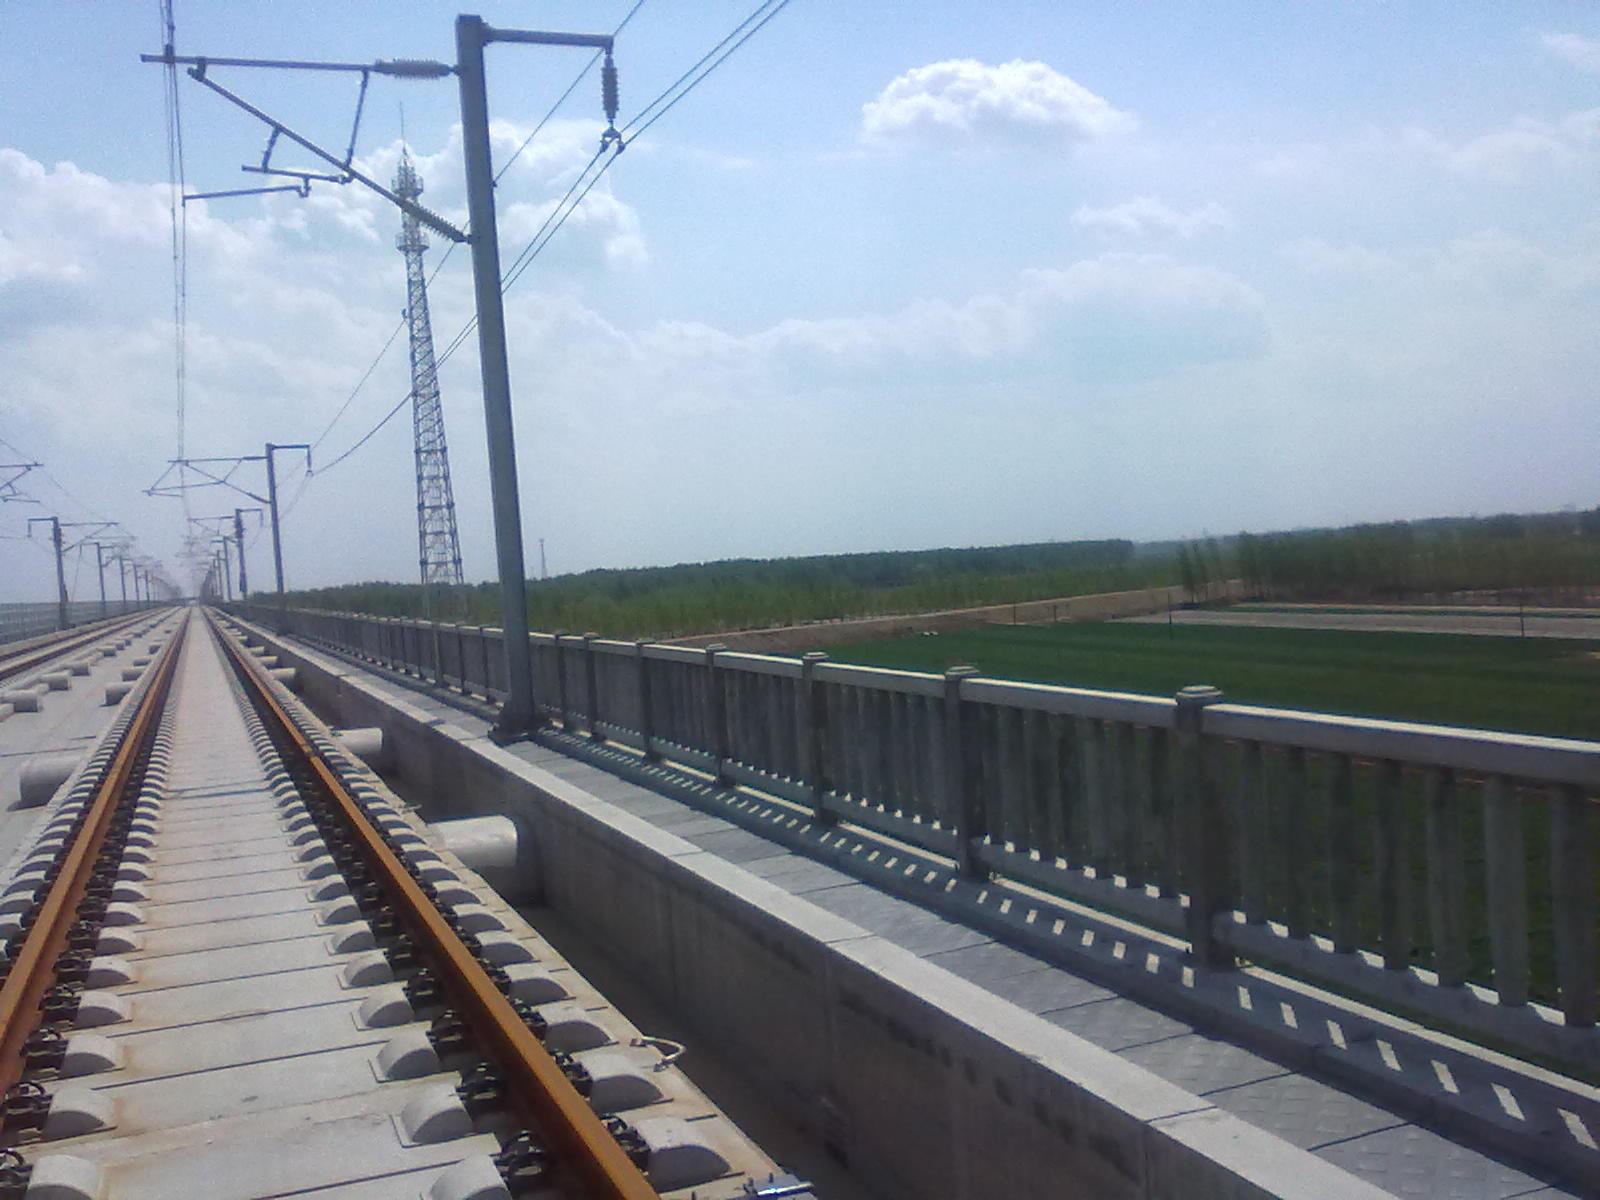 浙江海盐海格塑料模具模具厂专业为铁道部施工单位配套供应路基防护栅栏模具铁路桥梁护栏模具,本厂技术部为适应中国高速铁路的建设,根据铁道部20088001等一系列图纸从2006年至今开发了标准型(1.8米)、加长型(2.2米)的二片式防护栏塑模、三片式防护栏塑模、四片式防护栏塑模、2009年新增加了AB型四片式标准型(1.